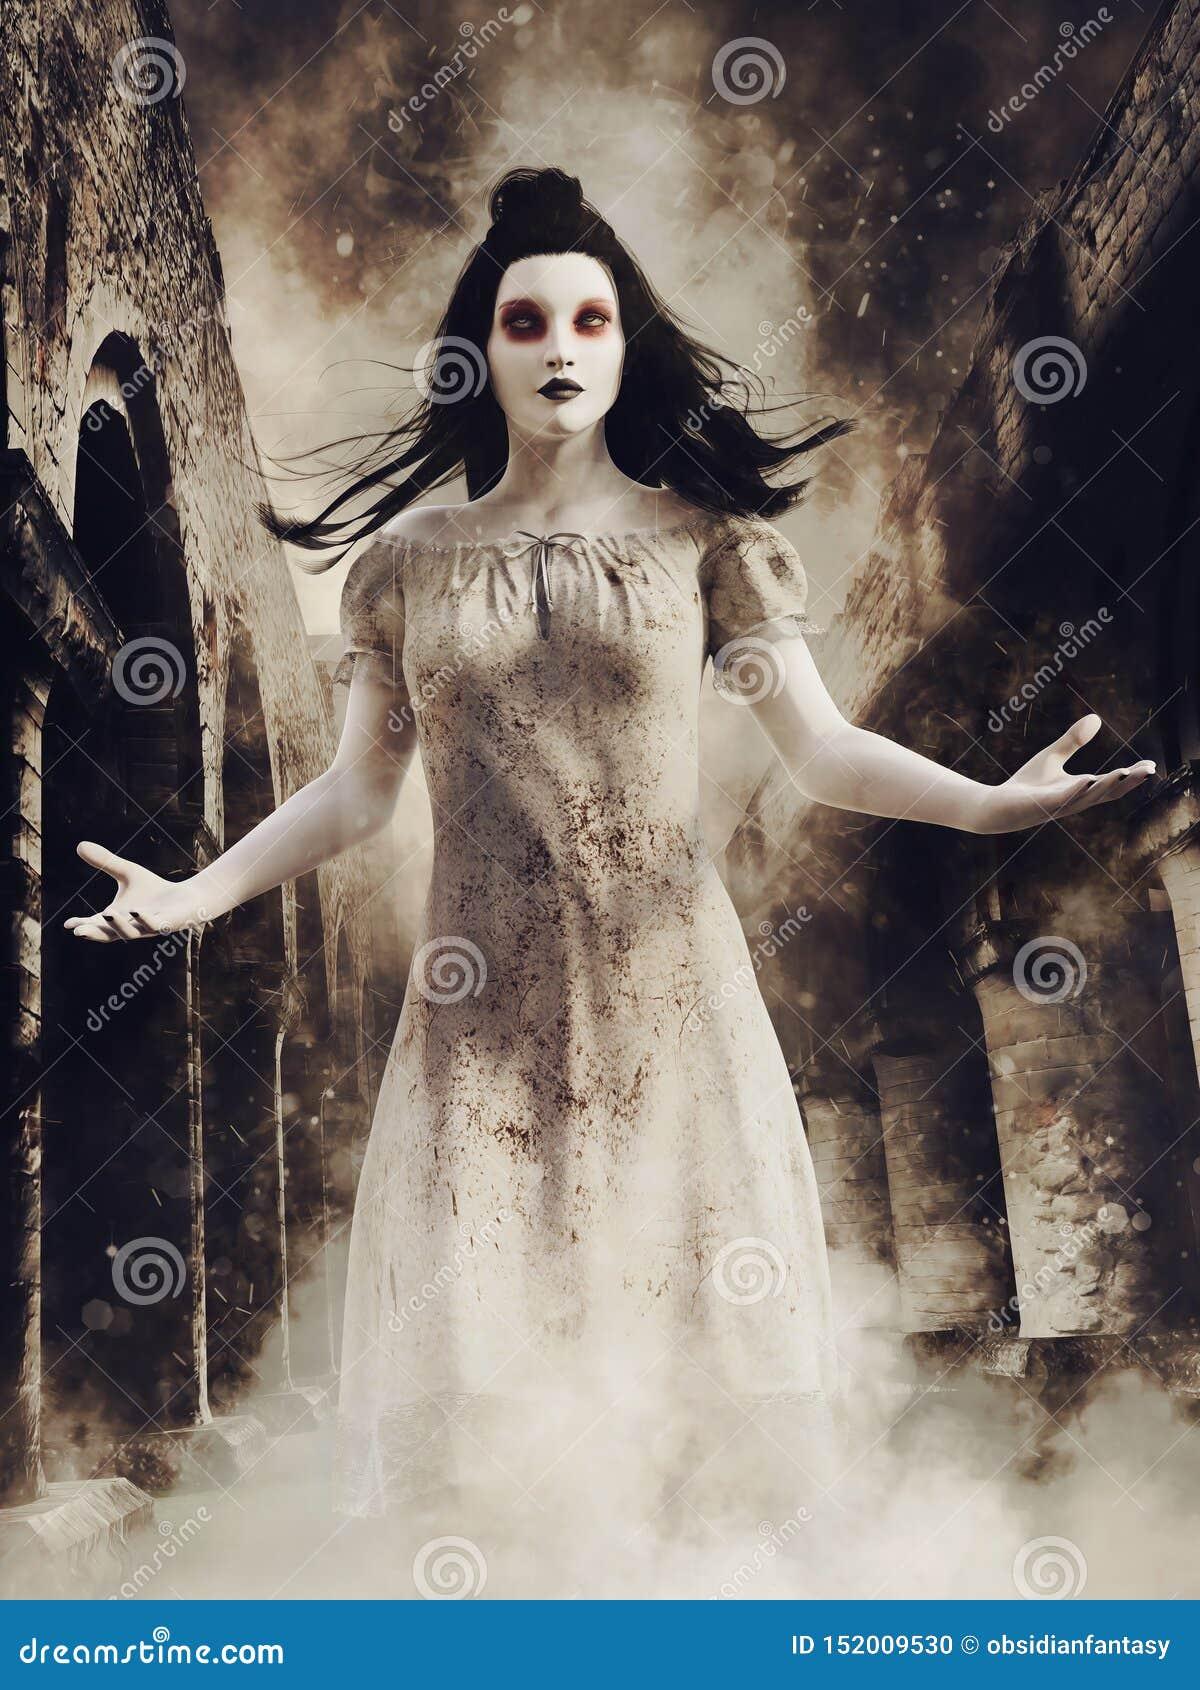 Ragazza del fantasma in un abbazia rovinata